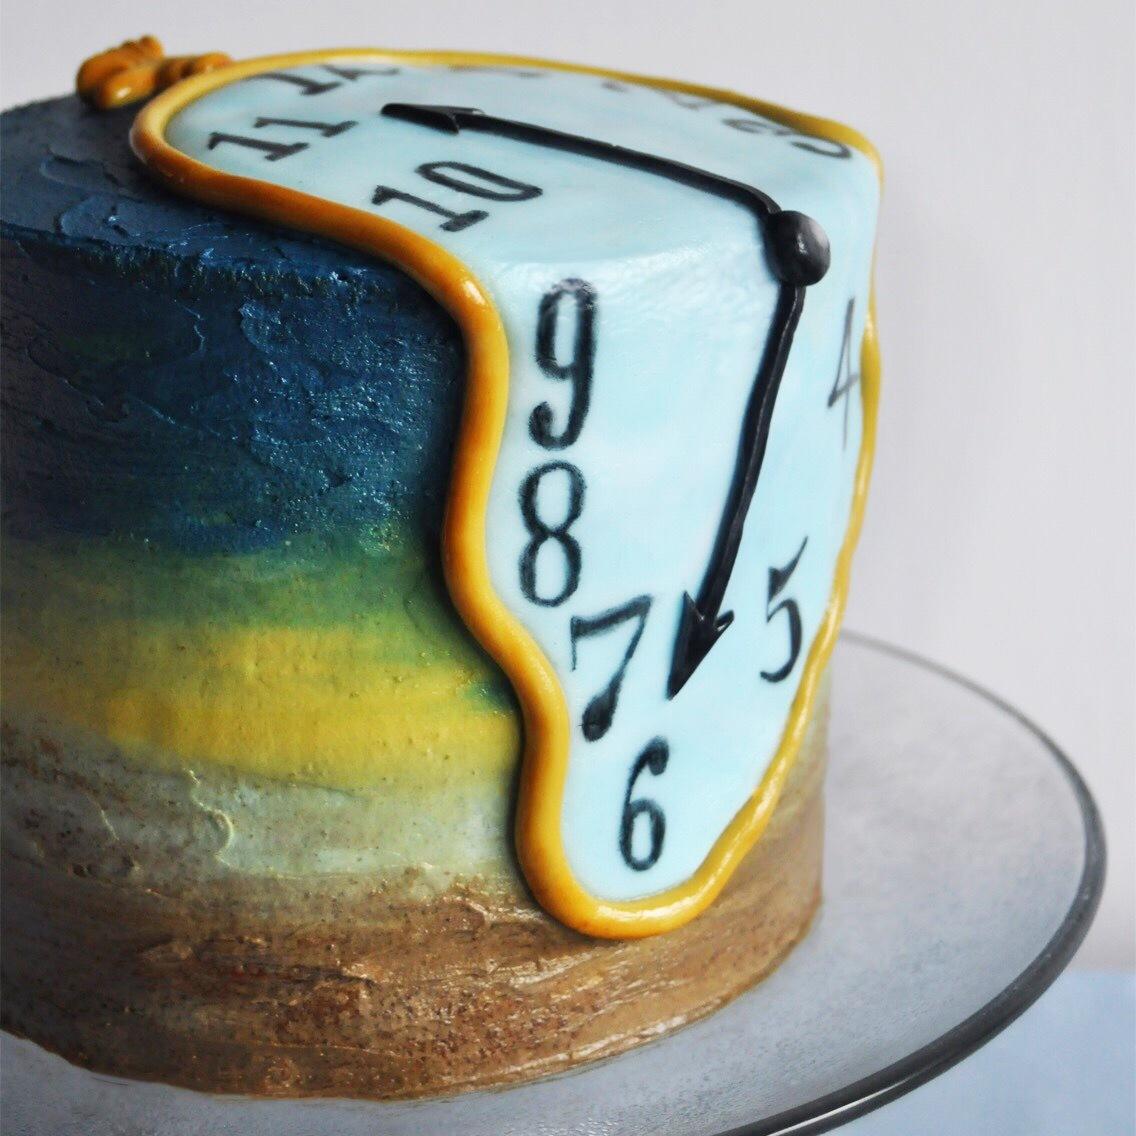 Dali cake design